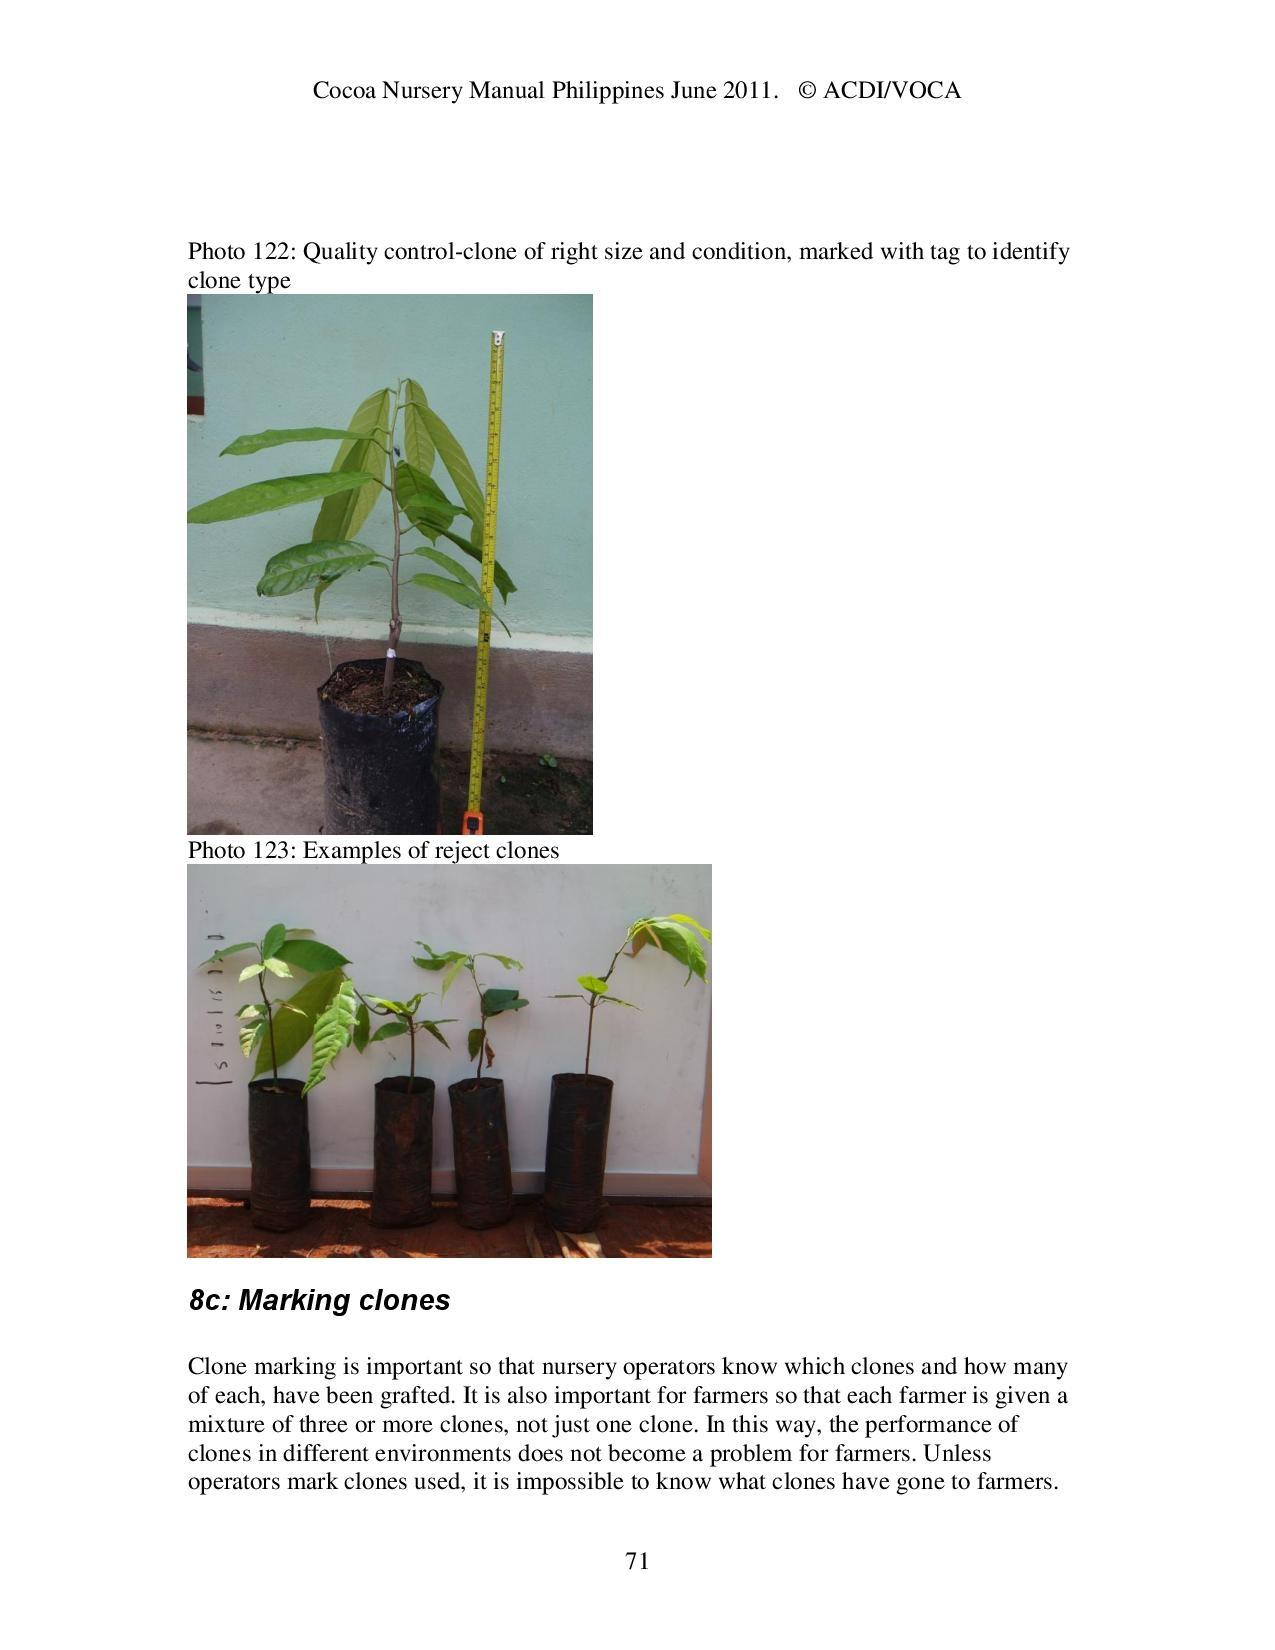 Cocoa-Nursery-Manual-2011_acdi-voca-page-071